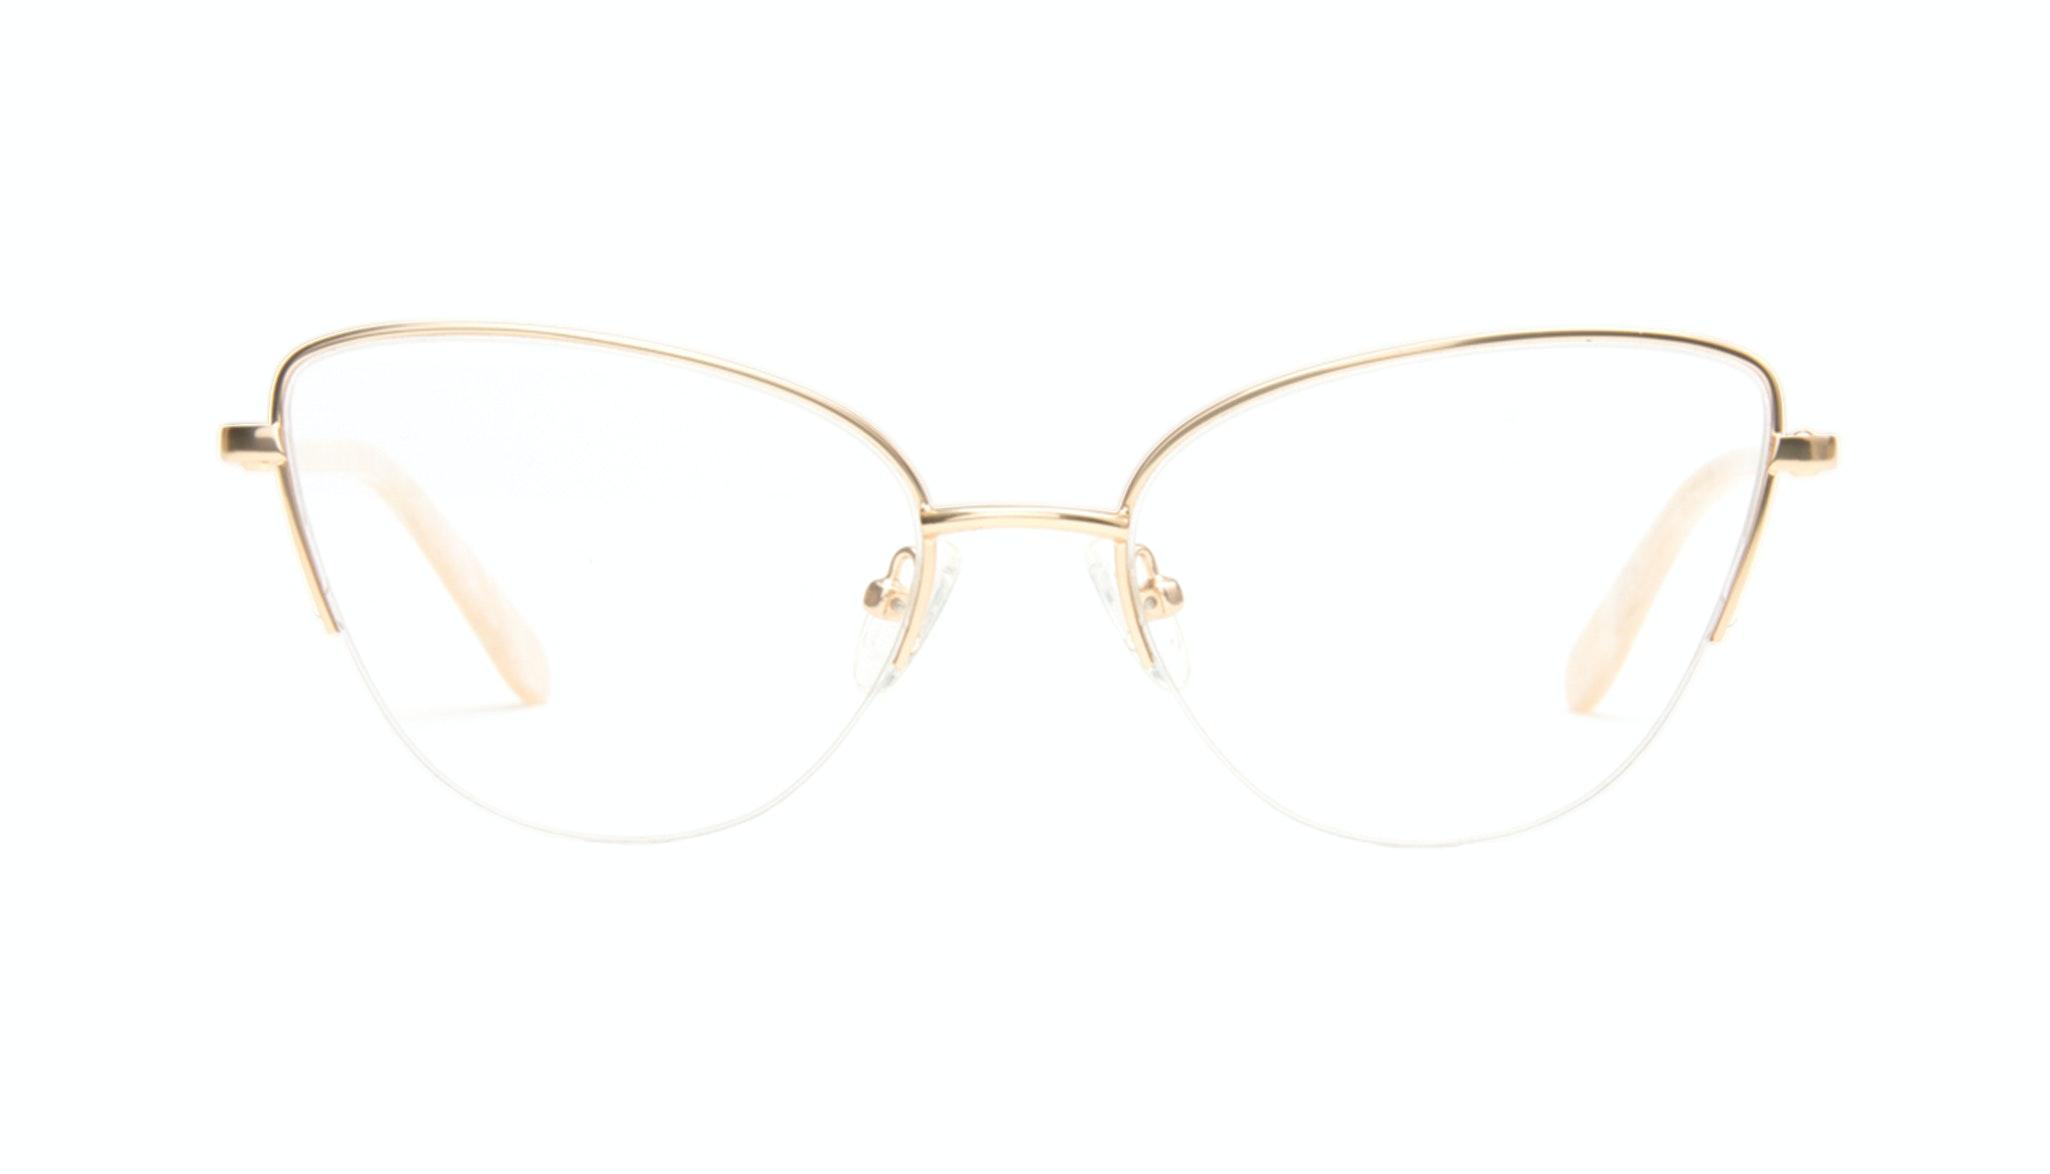 Lunettes tendance Oeil de chat Optiques Femmes Airy  Gold Marble